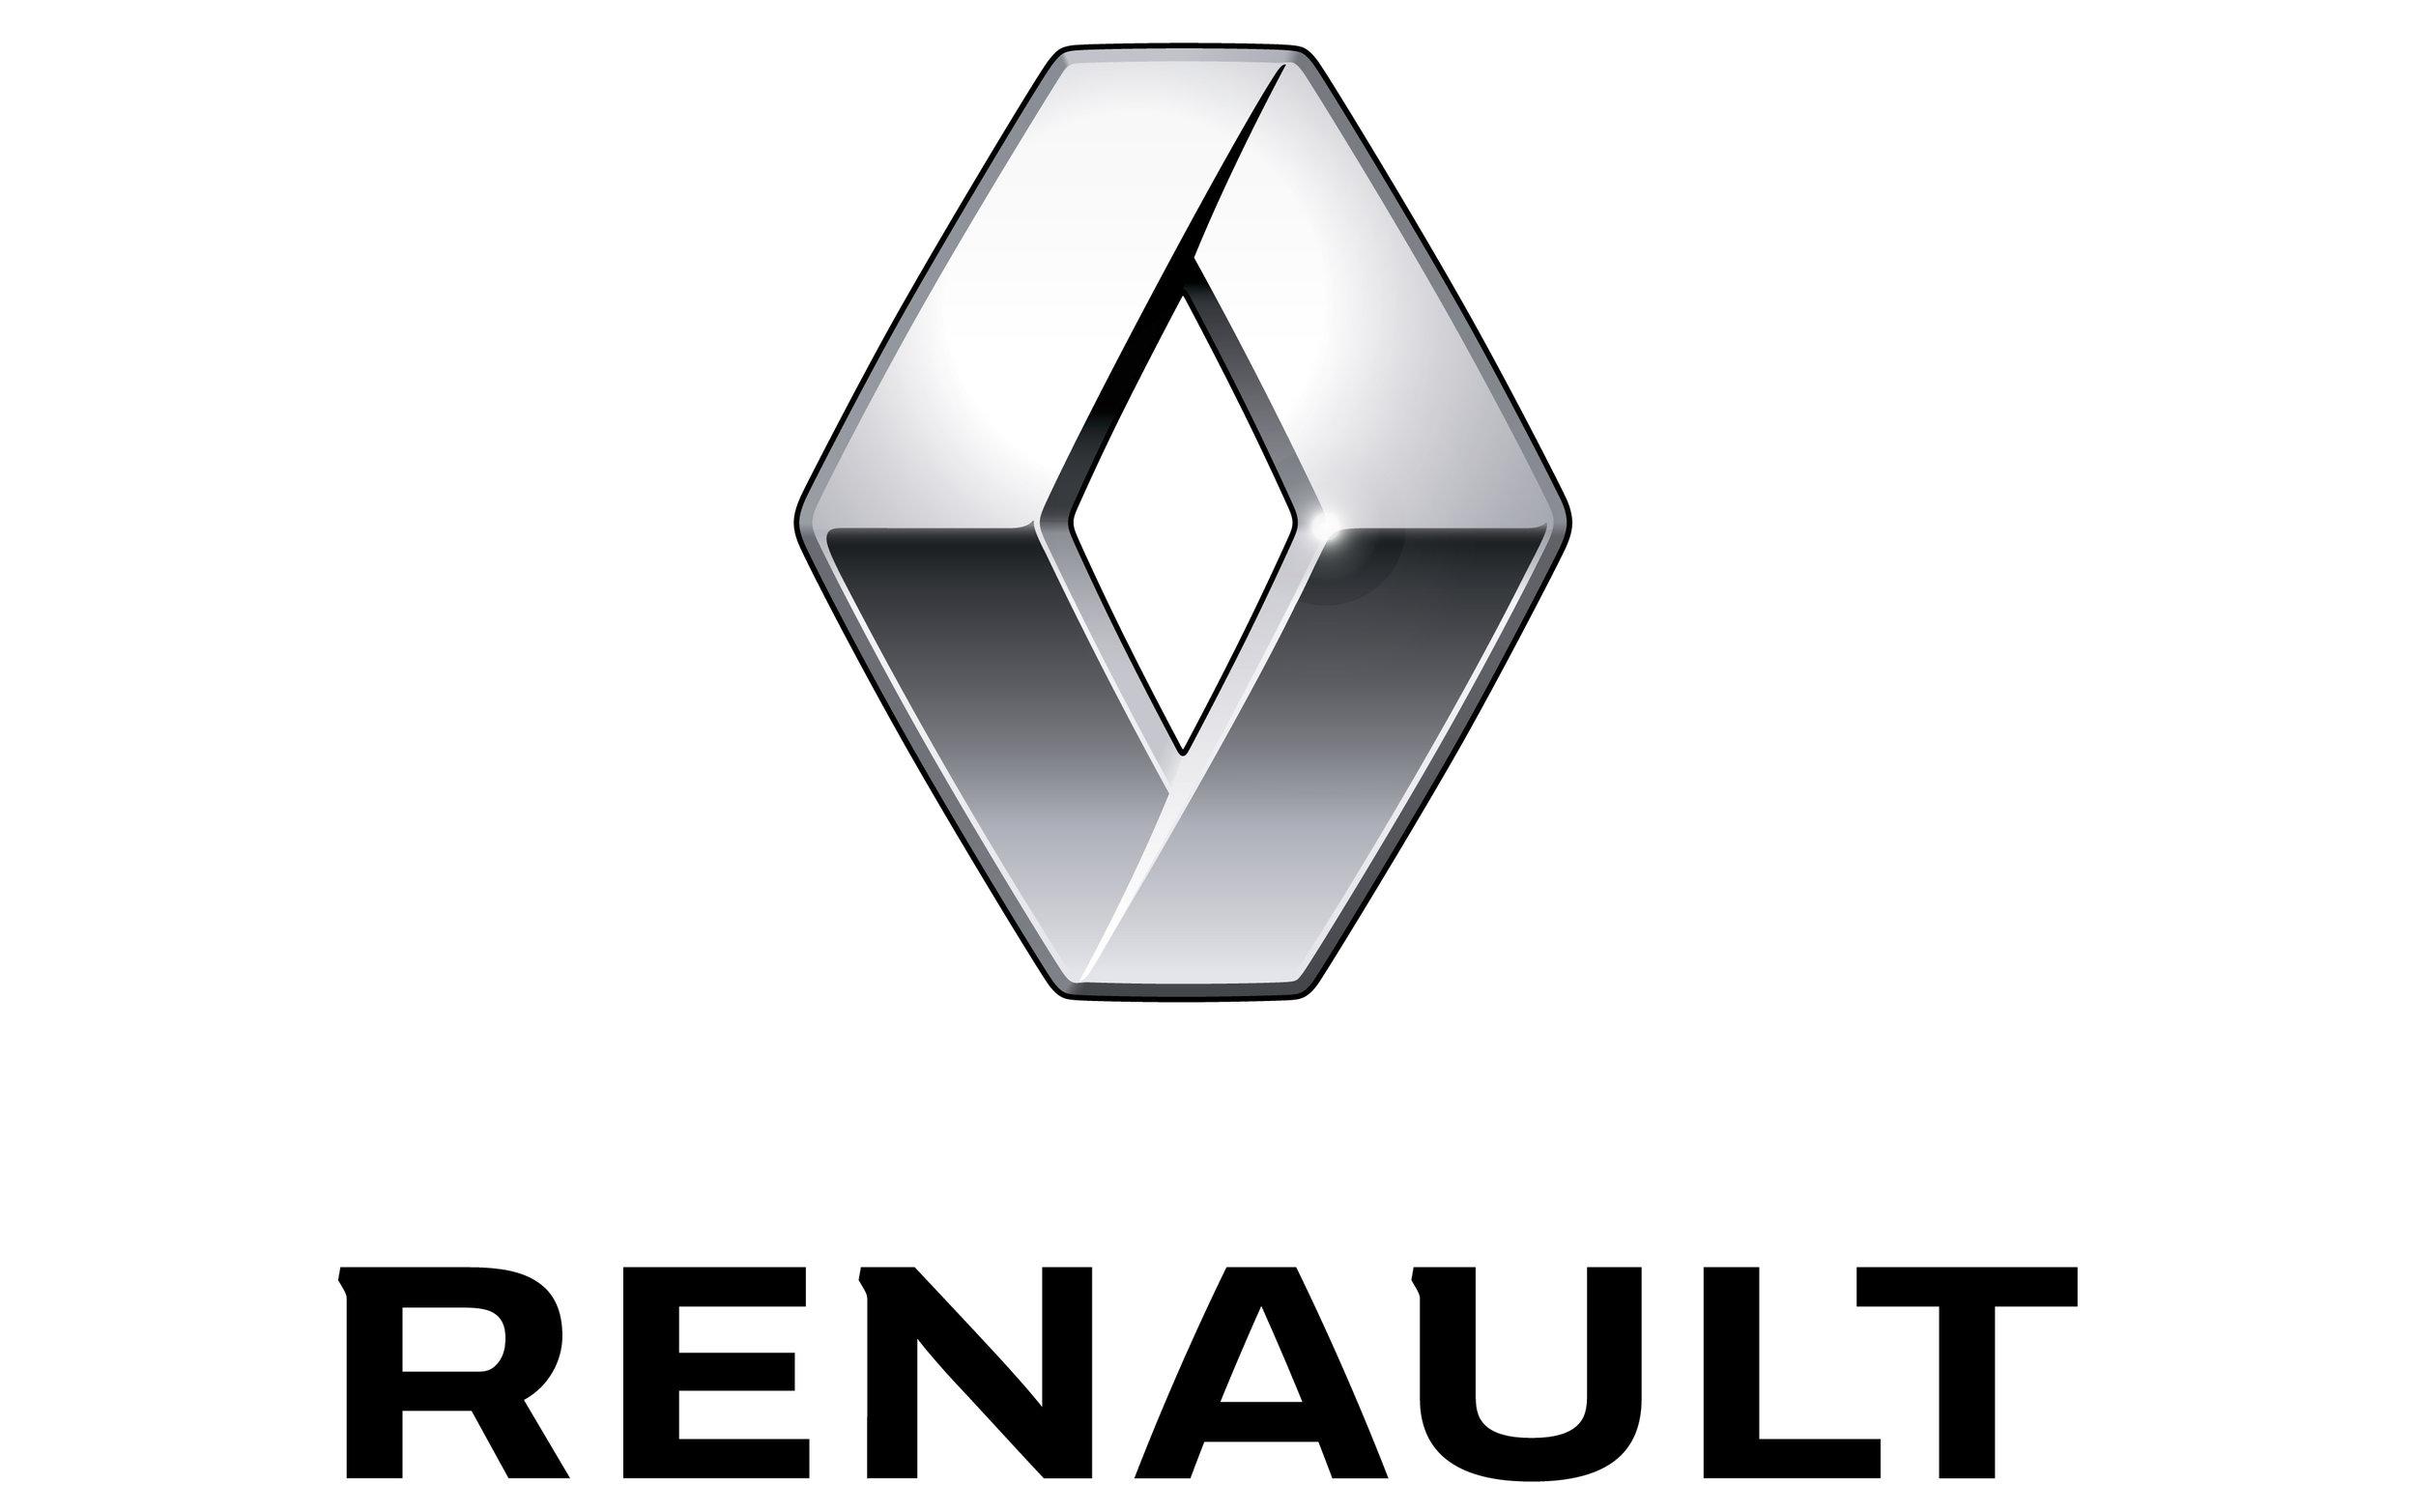 Renault-groß.jpg